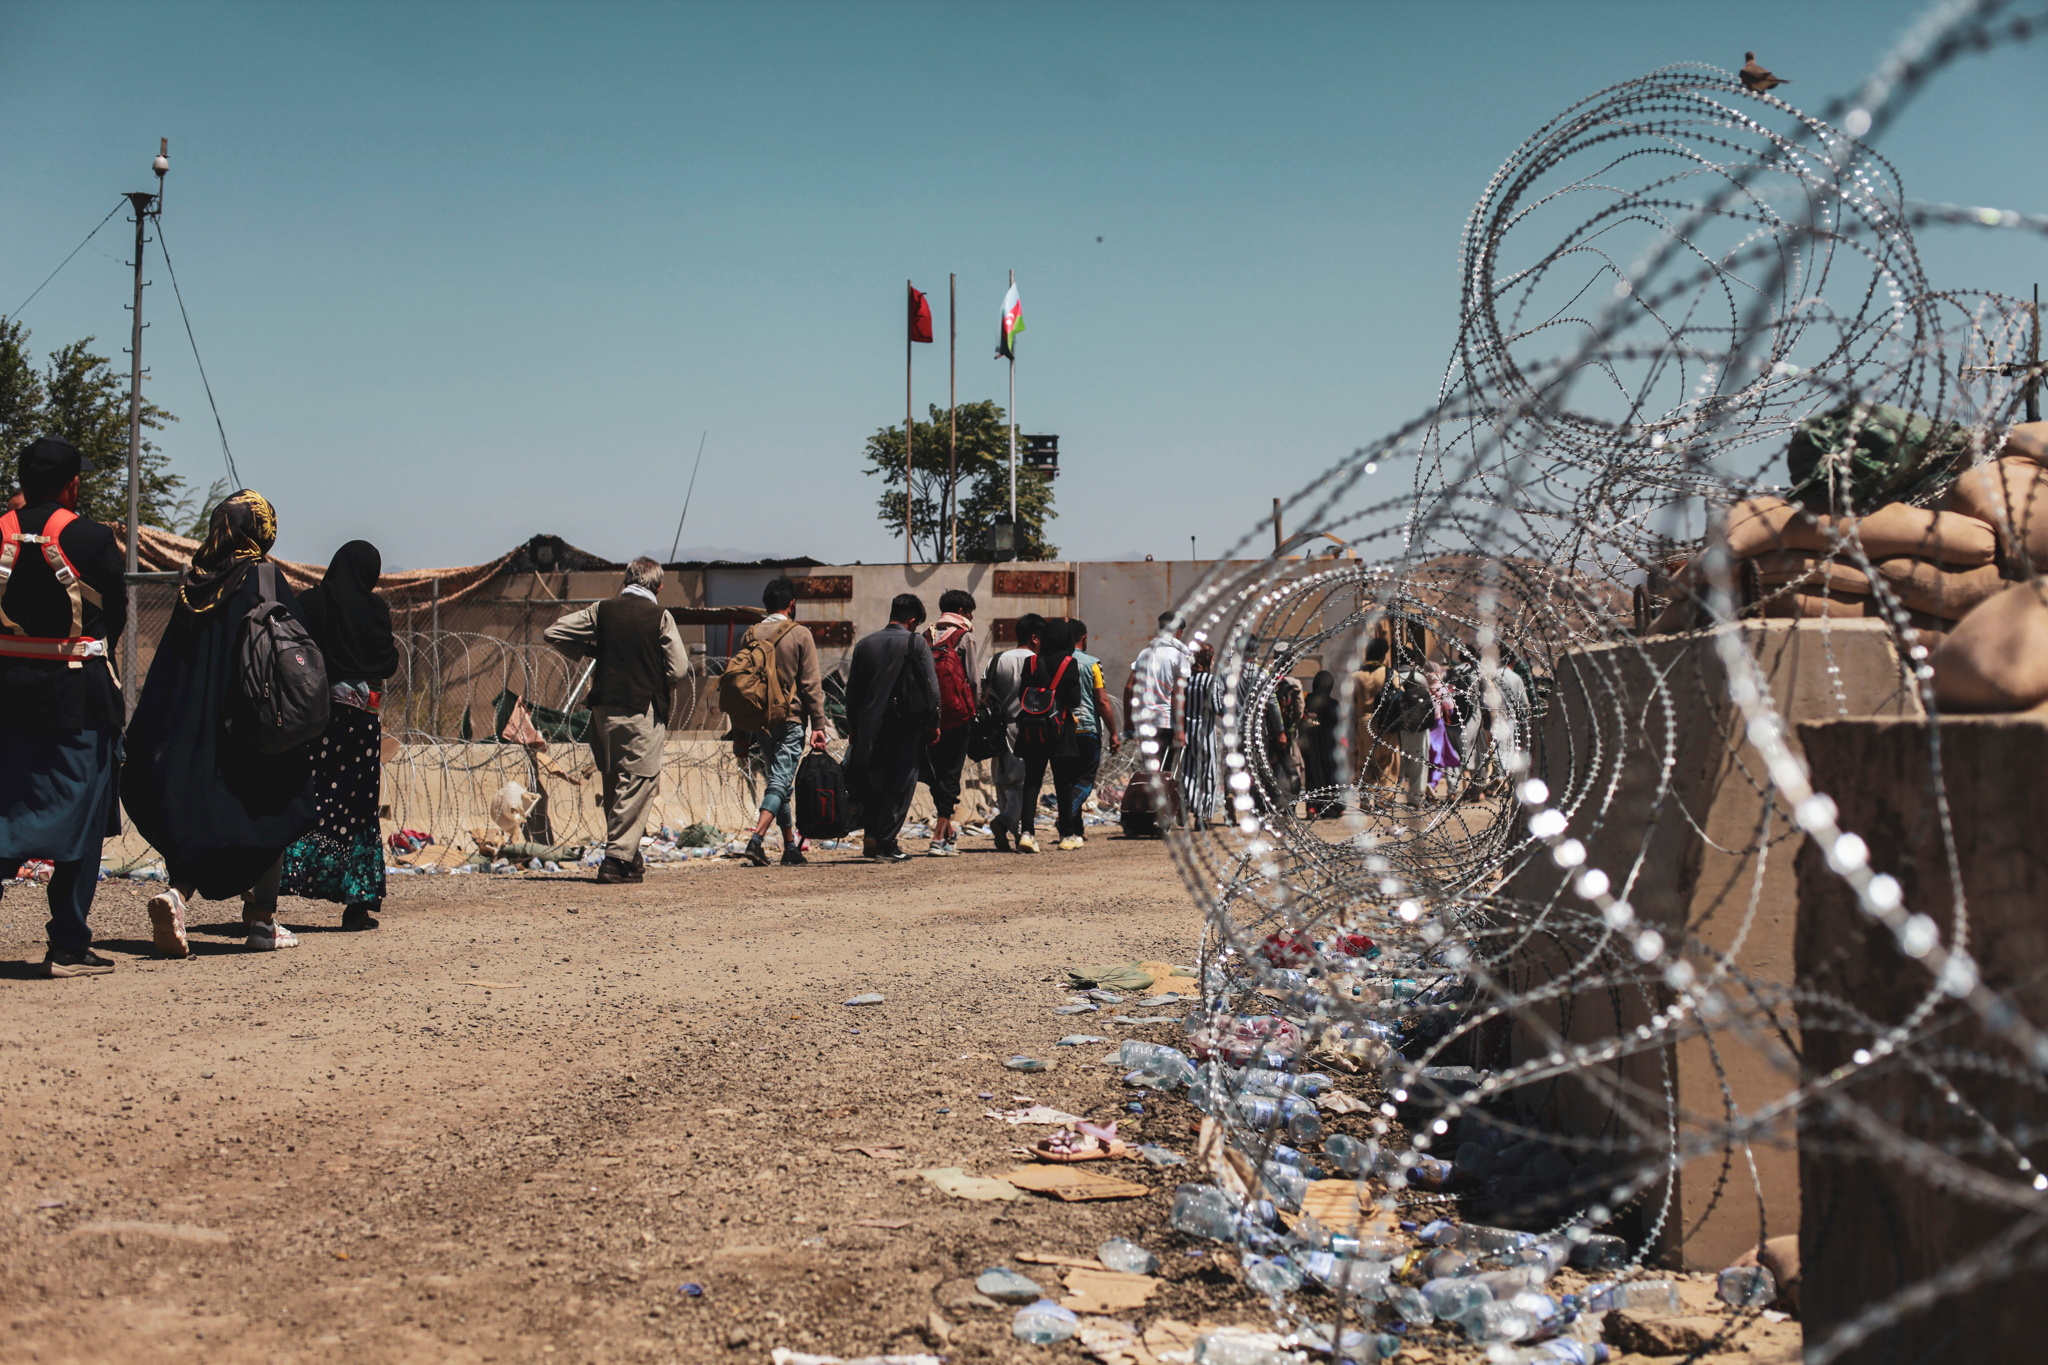 Αφγανιστάν: Το κυβερνητικό αεροσκάφος επιστρέφει από την Καμπούλ με εντολή του ελληνικού ΥΠΕΞ